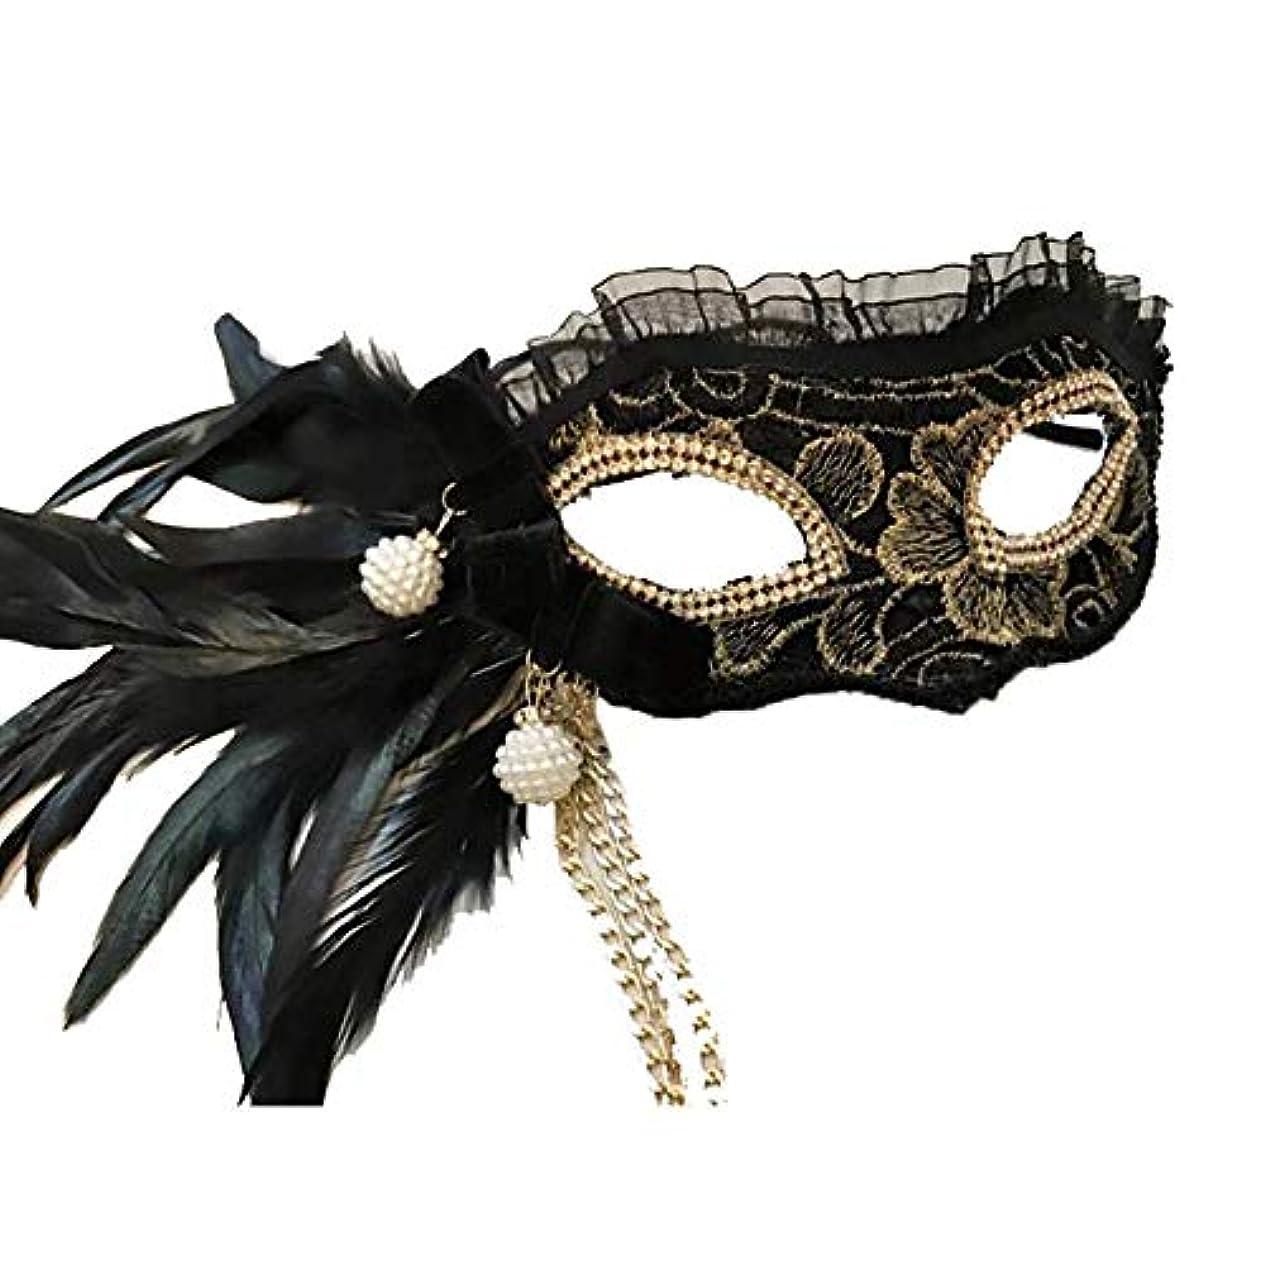 シンクと組む癌Nanle ハロウィンクリスマスフェザー刺繍フリンジフラワービーズマスク仮装マスクレディミスプリンセス美容祭パーティーデコレーションマスク (色 : Style A)